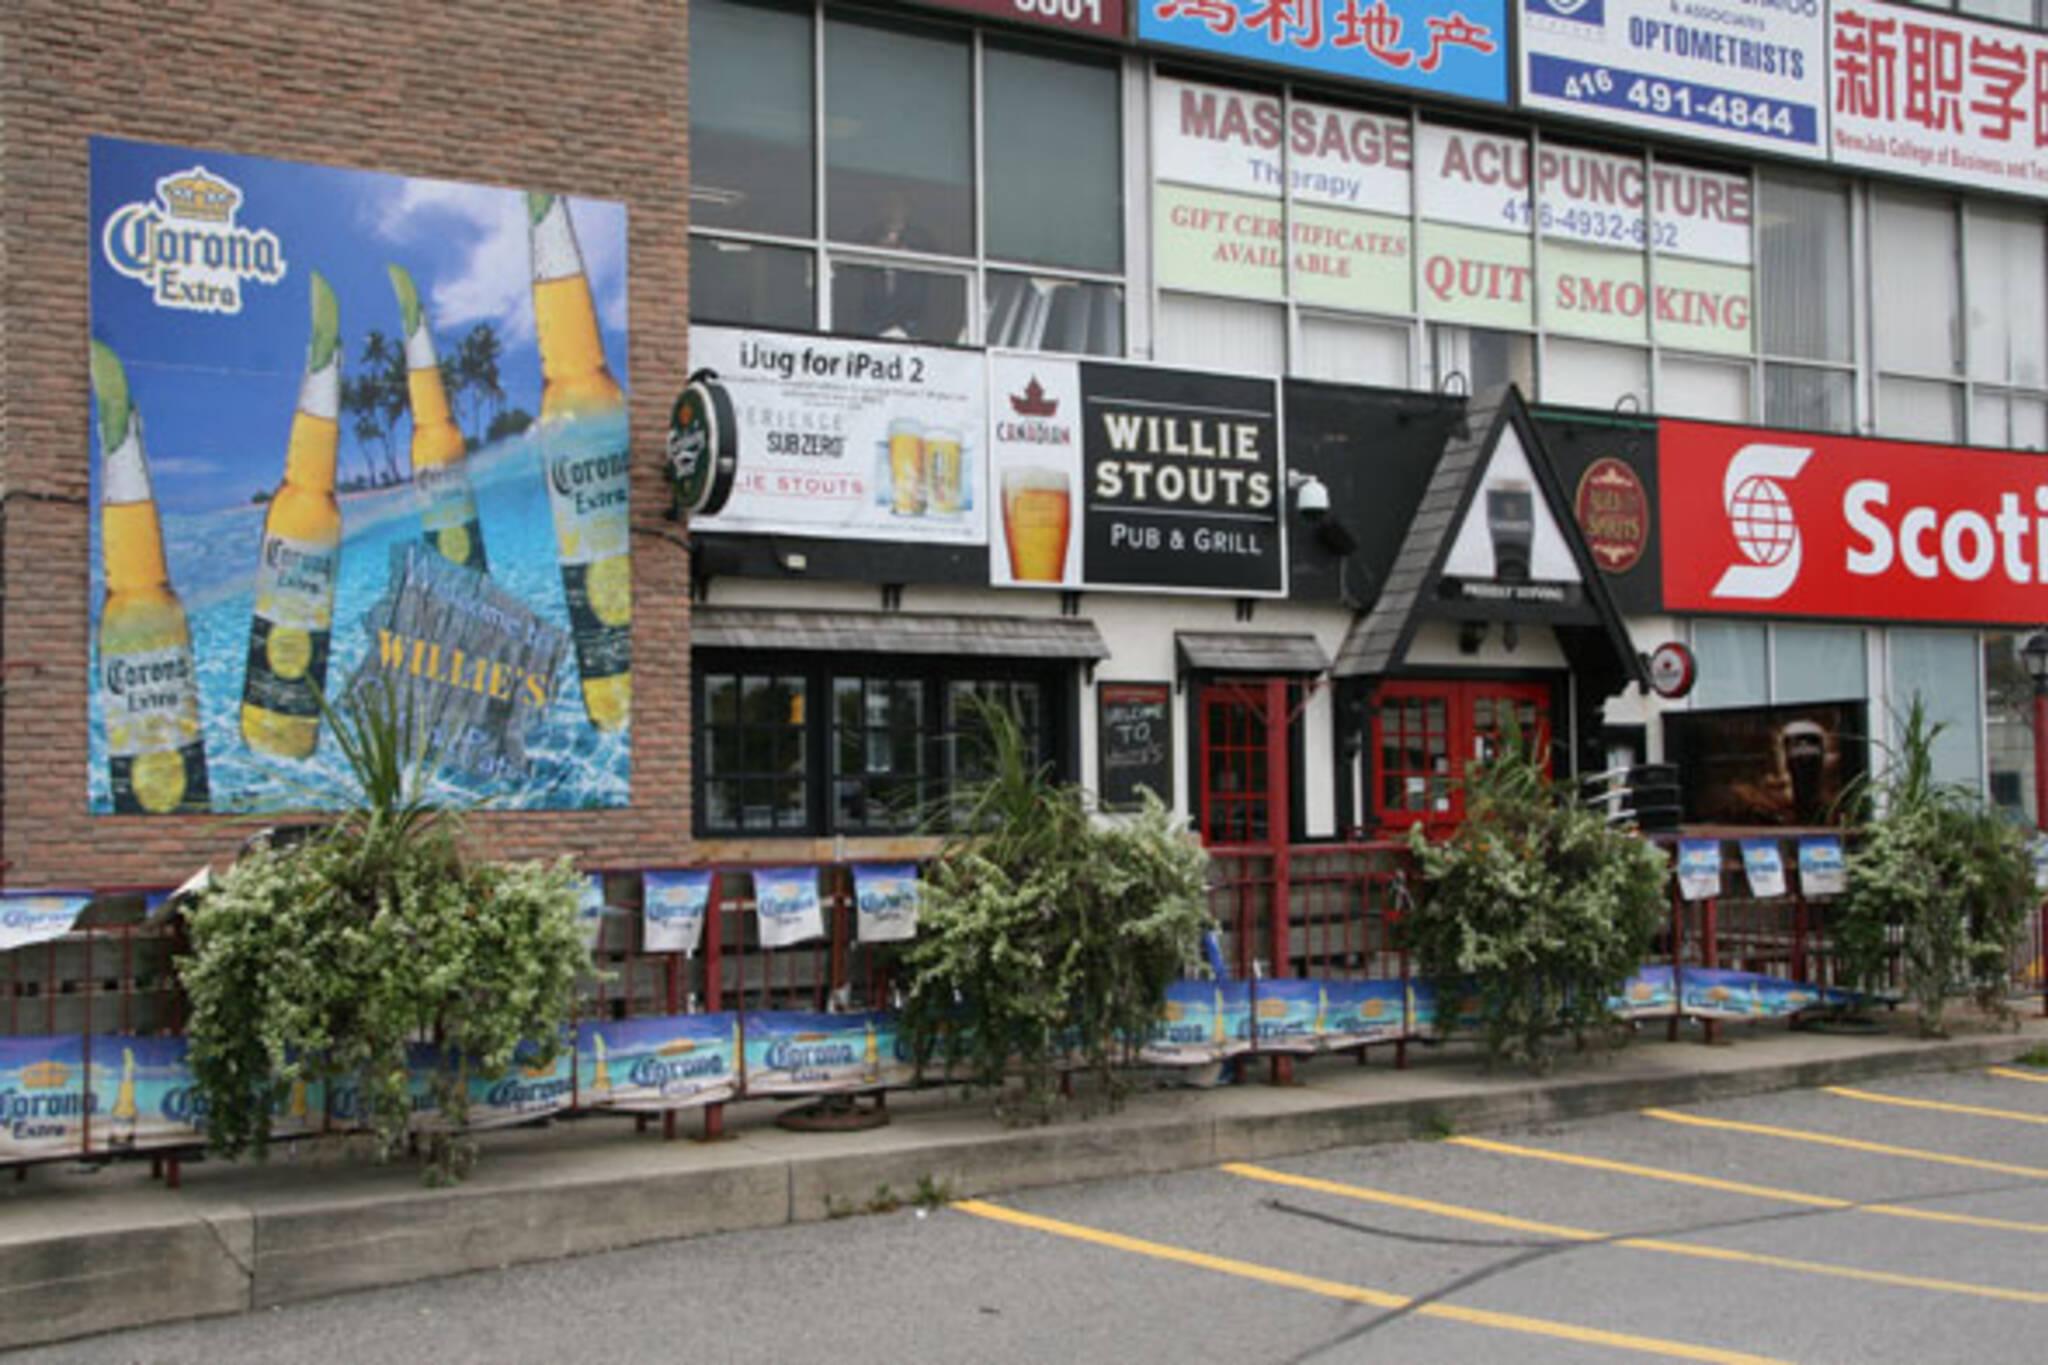 Willie Stouts Toronto